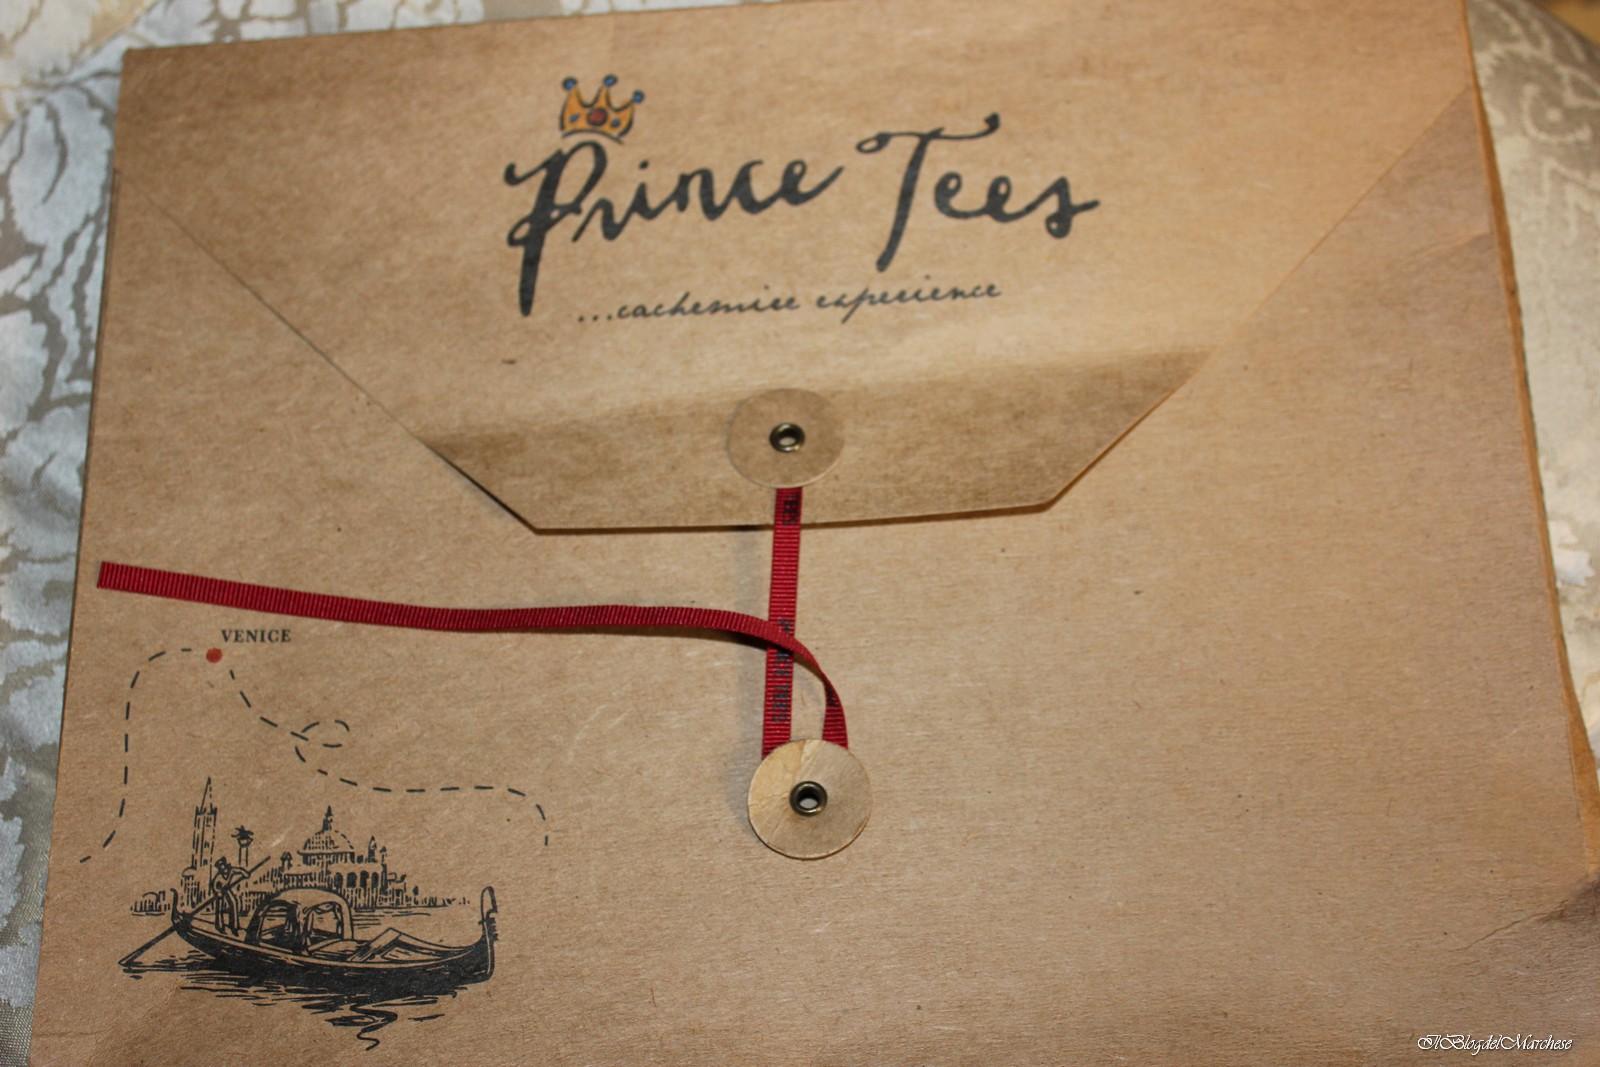 Prince Tees